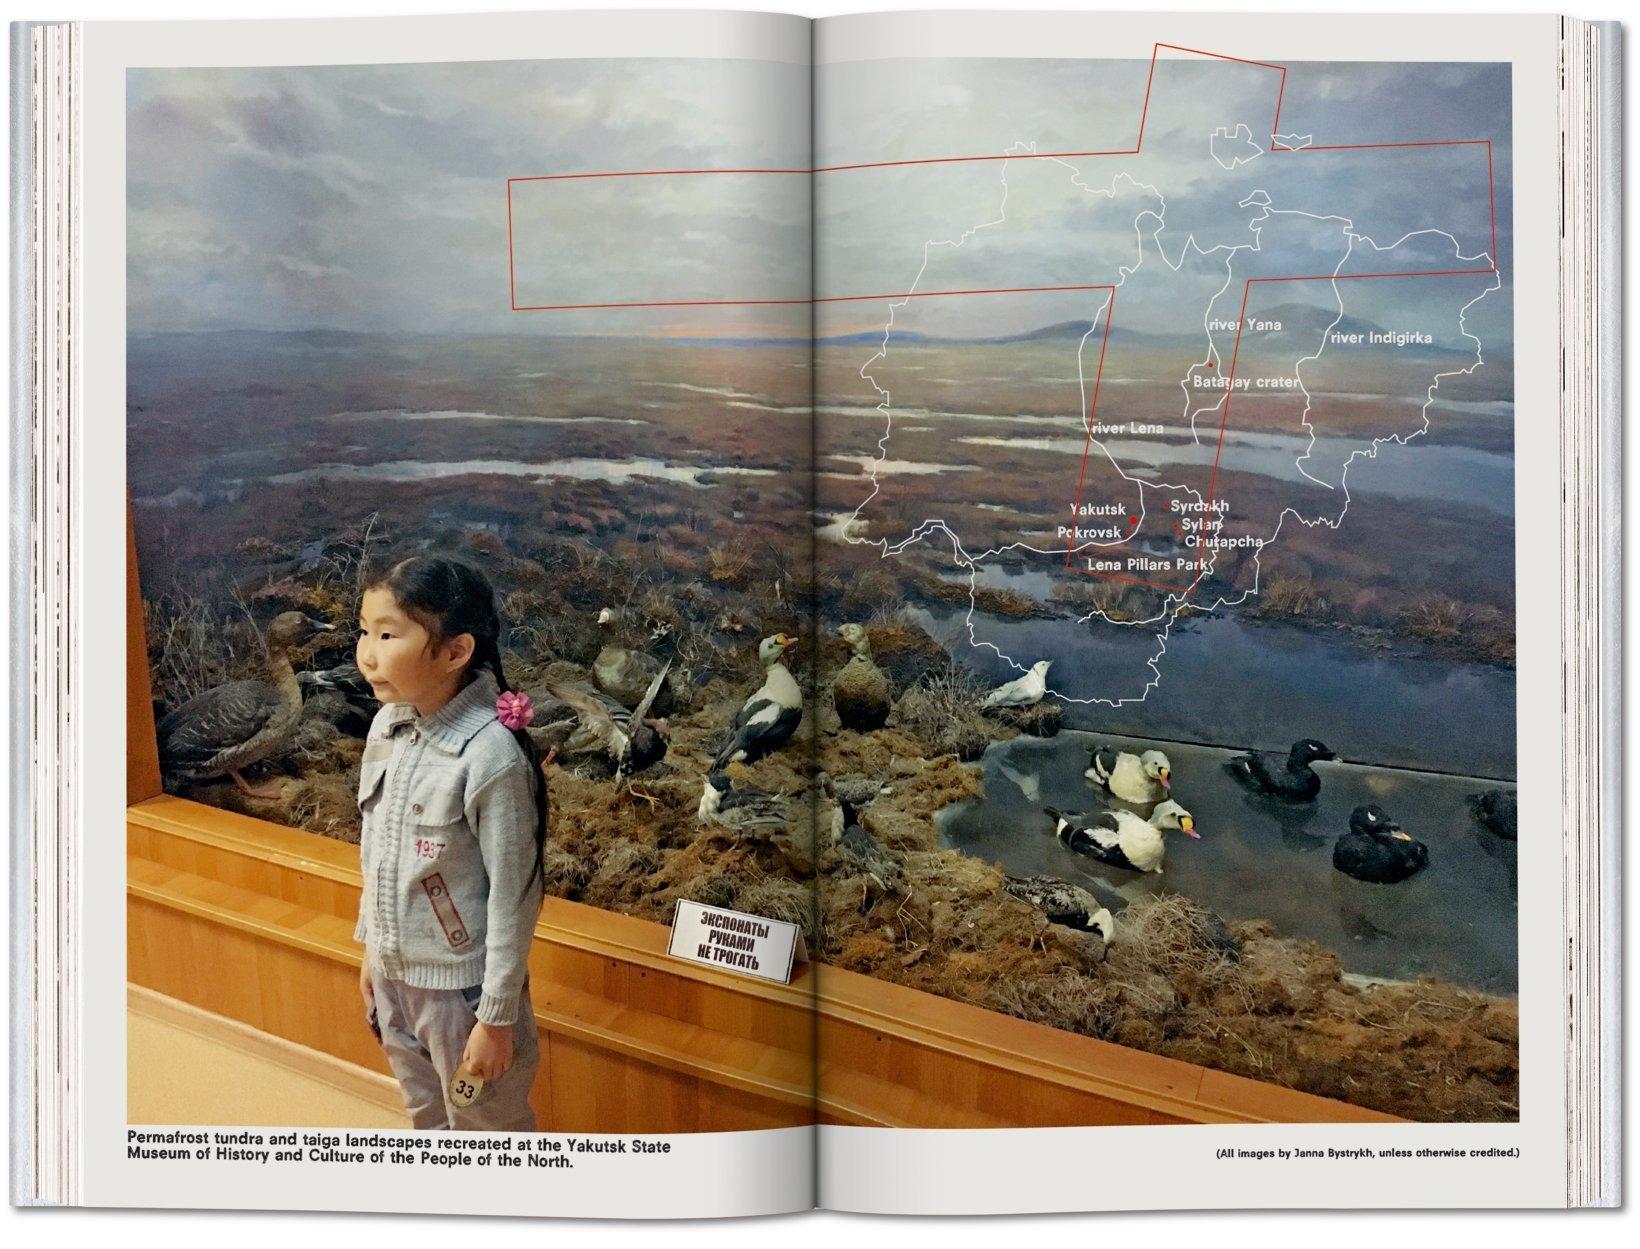 Koolhaas. Countryside, A Report. AMO, Rem Koolhaas, erschienen bei Taschen Verlag, Köln